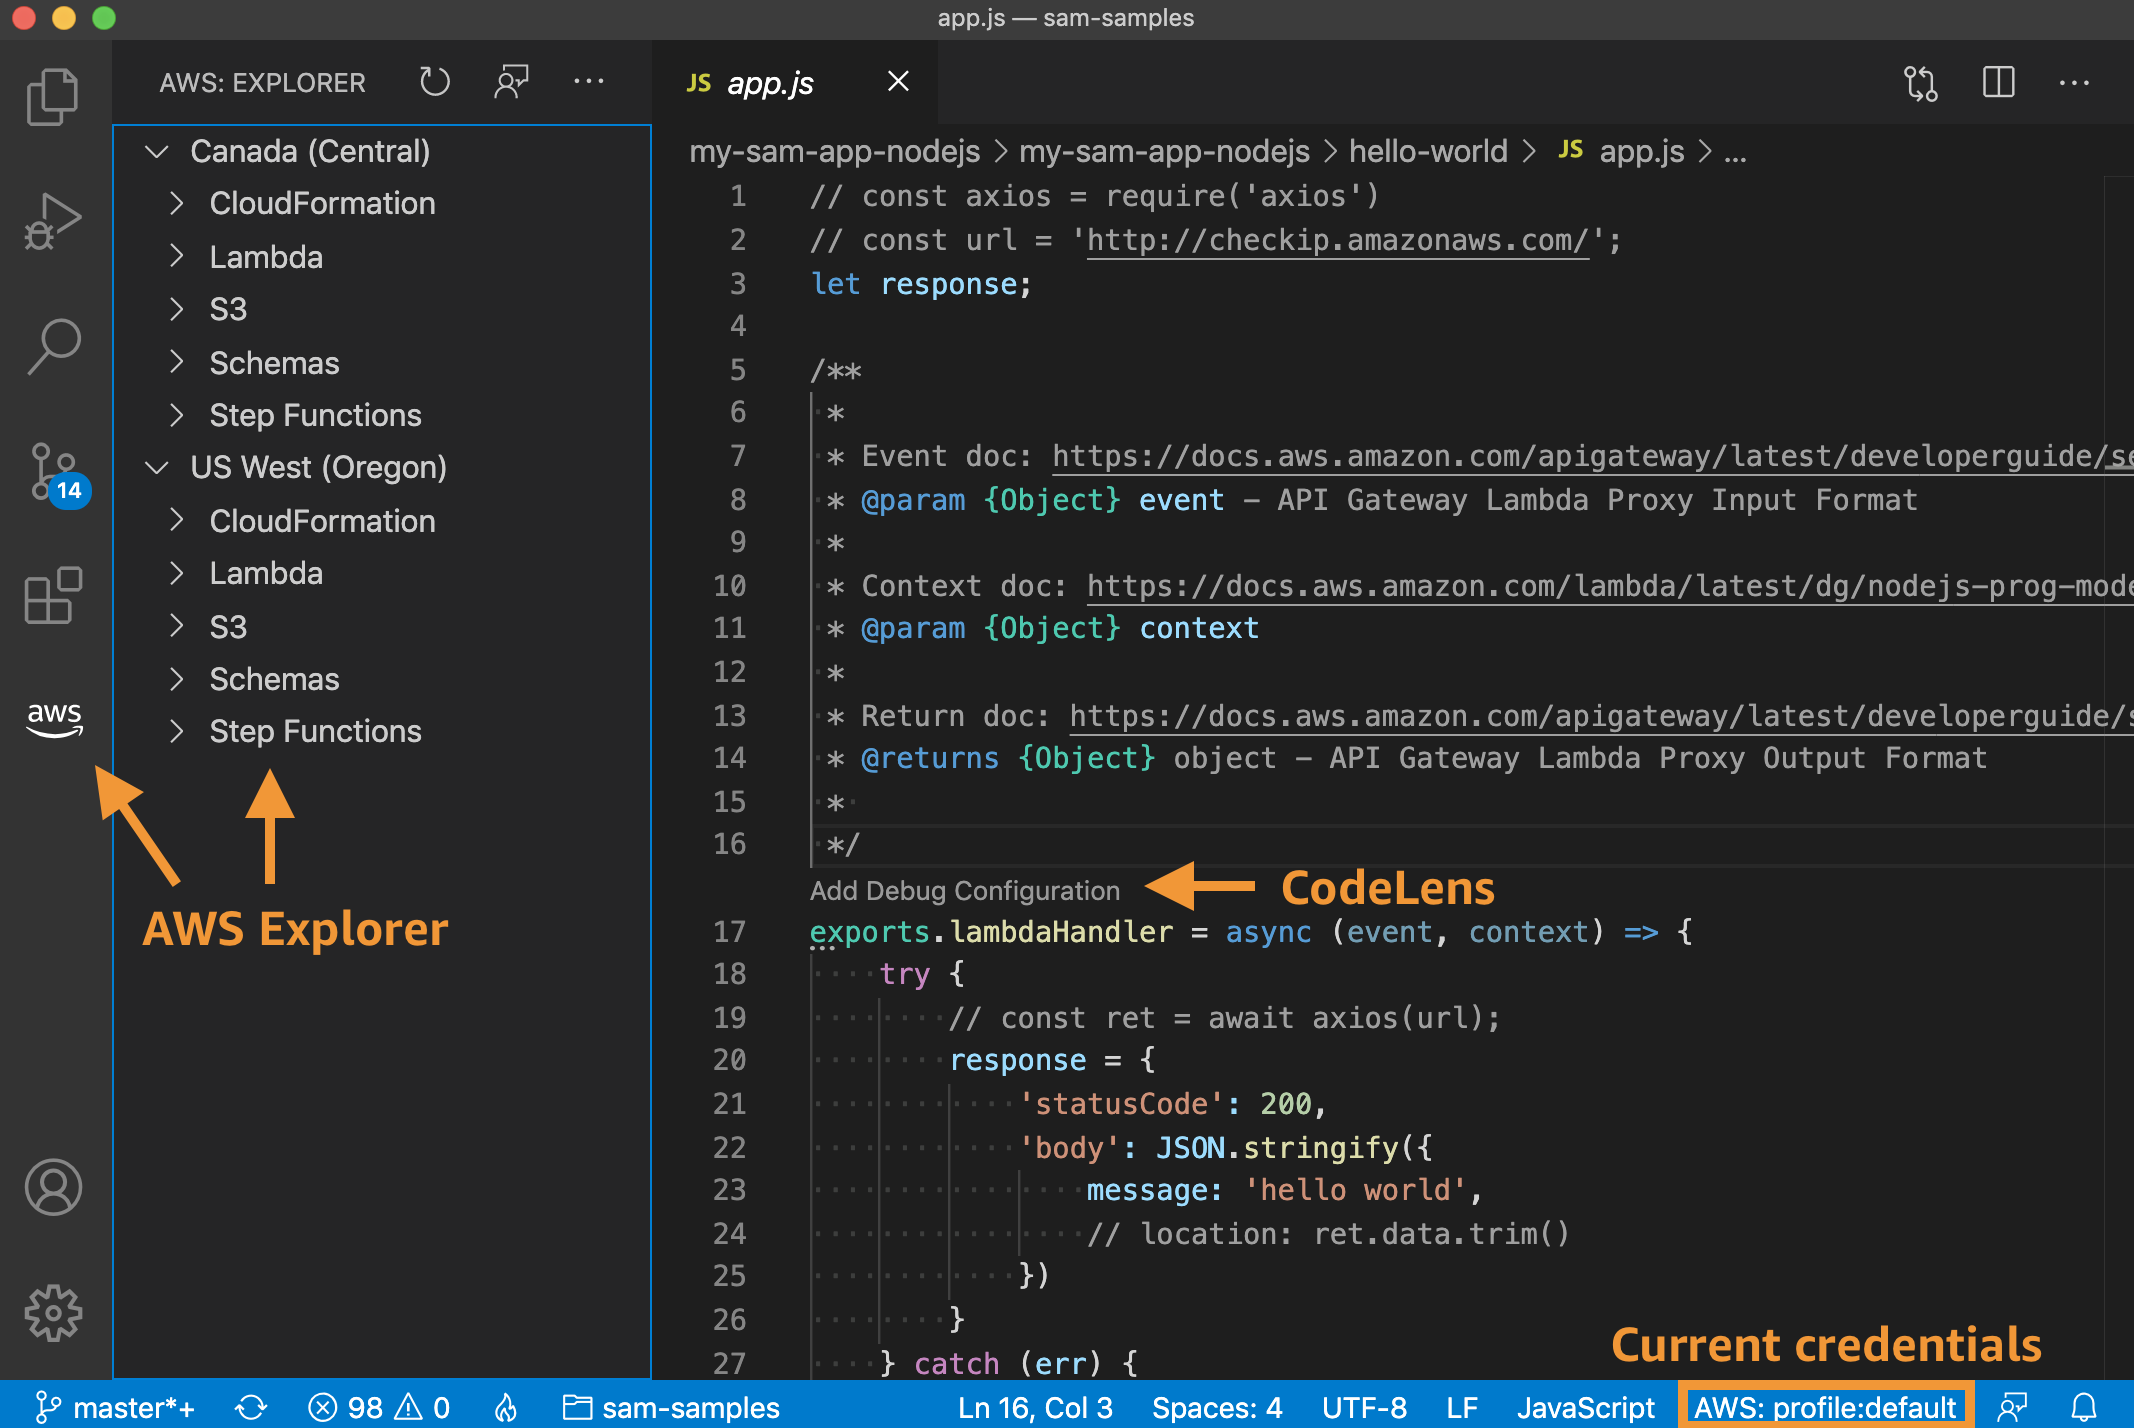 Overview, AWS Explorer